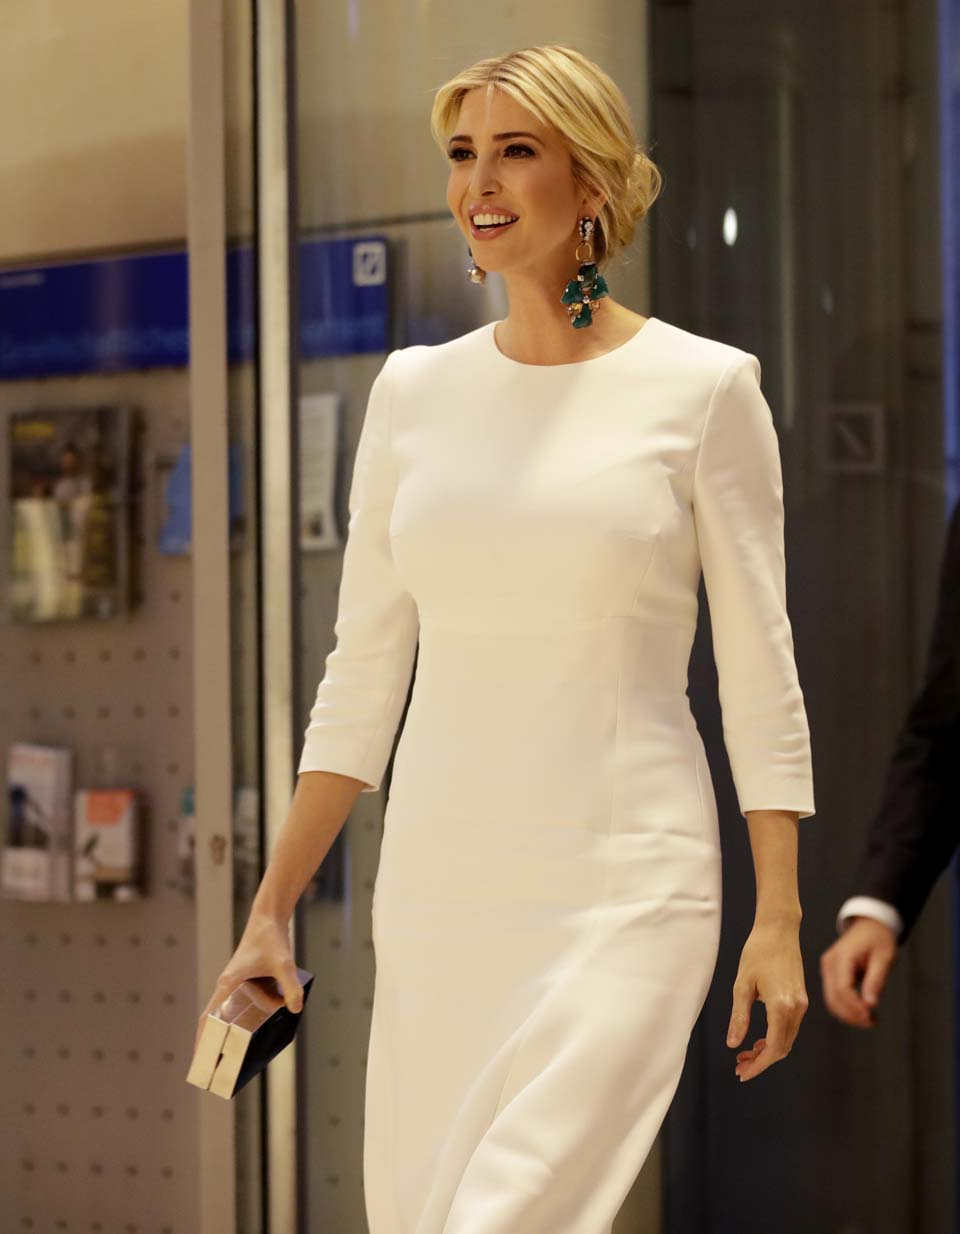 Иванка в белом строгом платье - элегантна, как всегда. Фото: AP